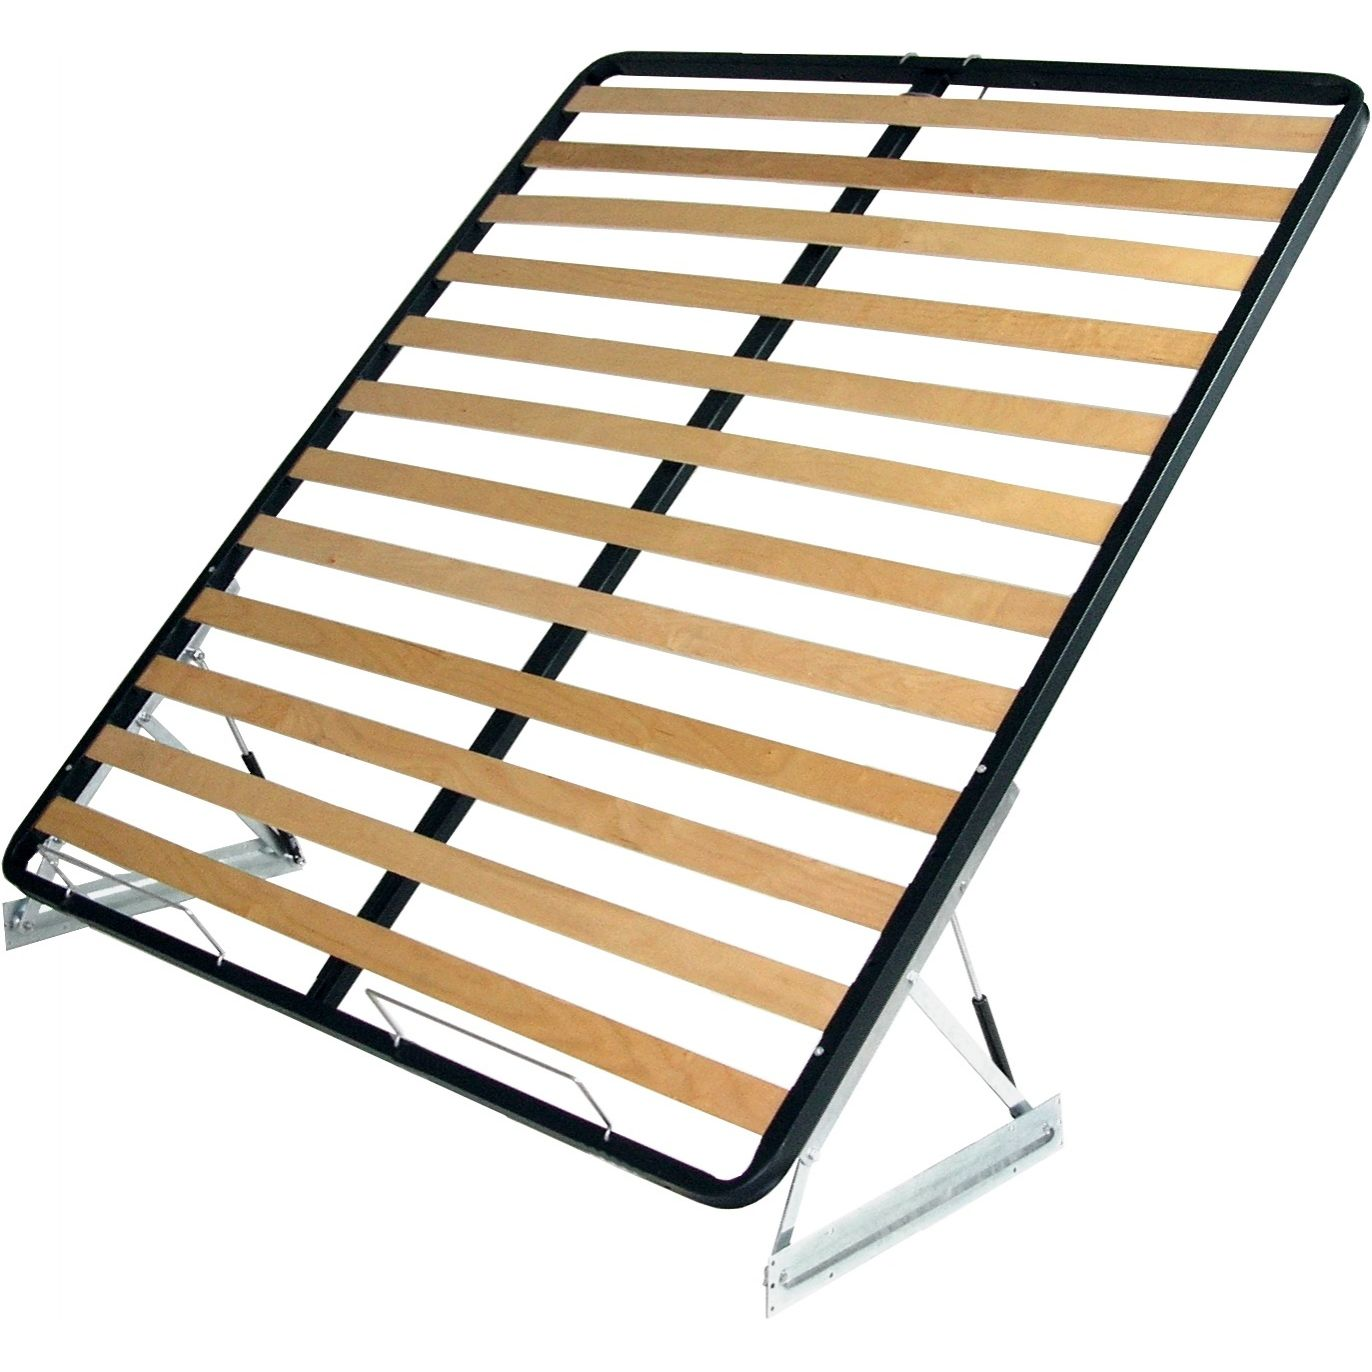 Reti materassi e trasformabili reti da letto con for 5 case kit da letto